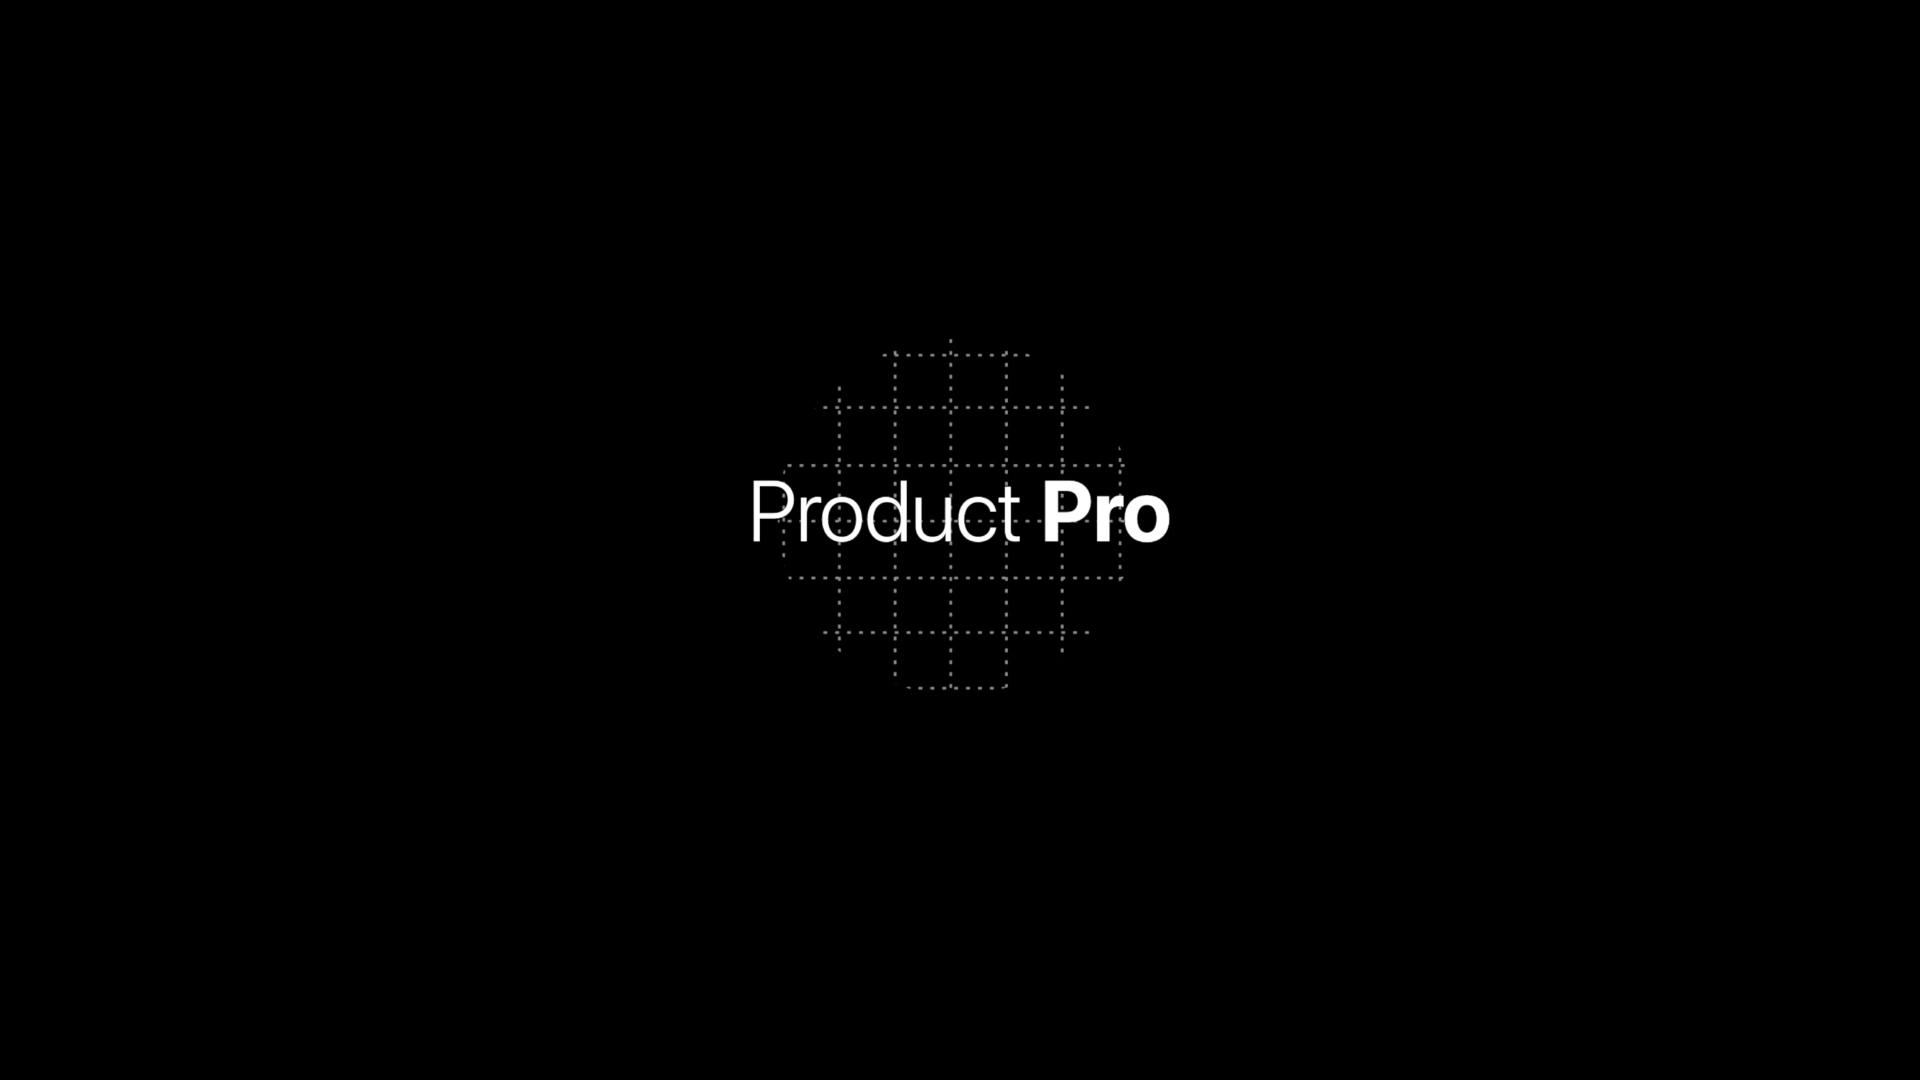 Product Pro Documentation Keynote.014.jpeg